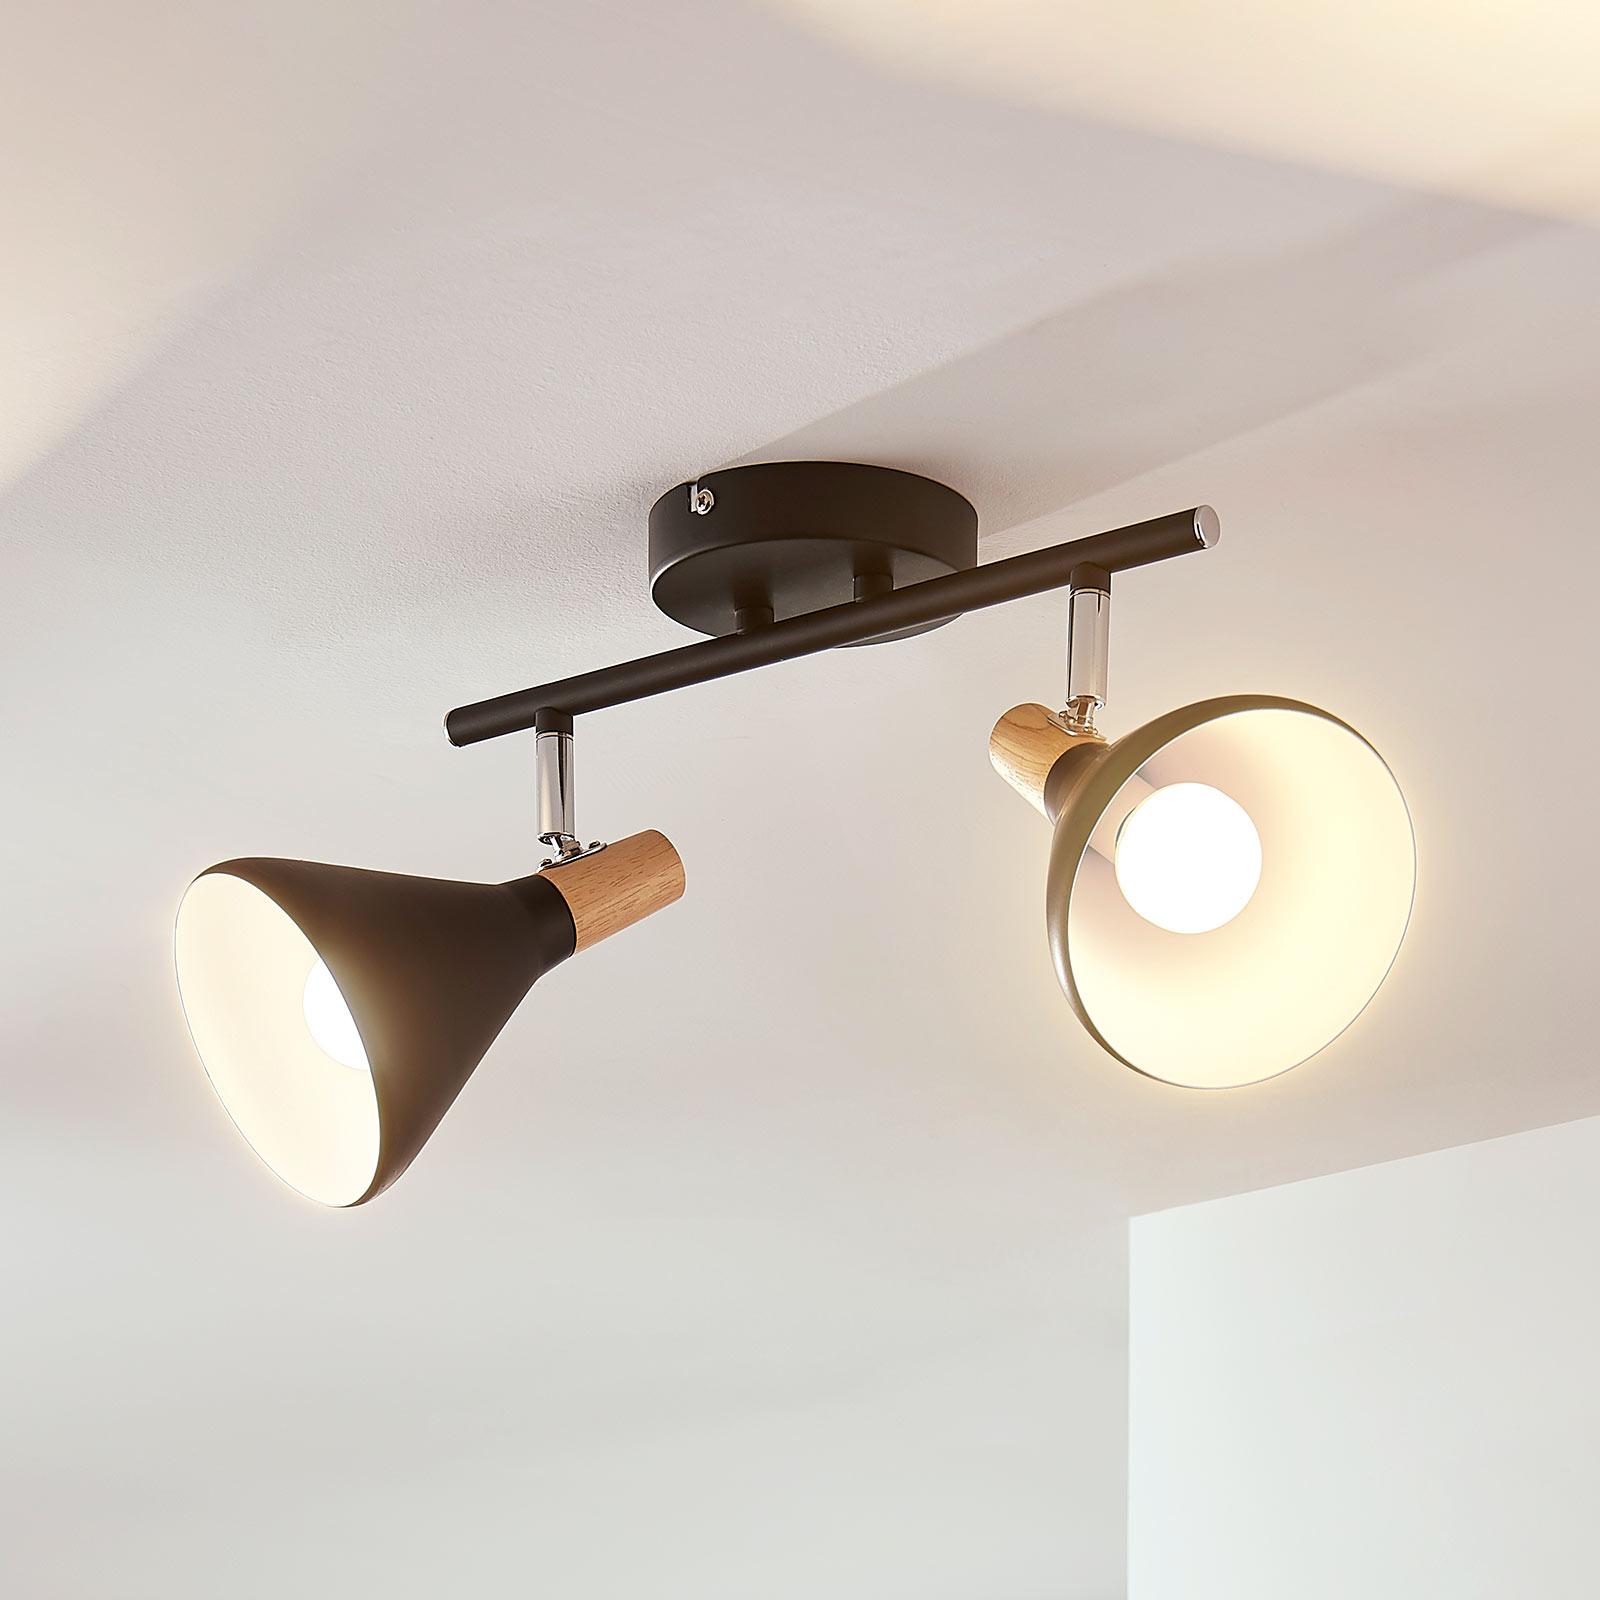 LED-pendellampe Arina i svart med 2 lyskilder